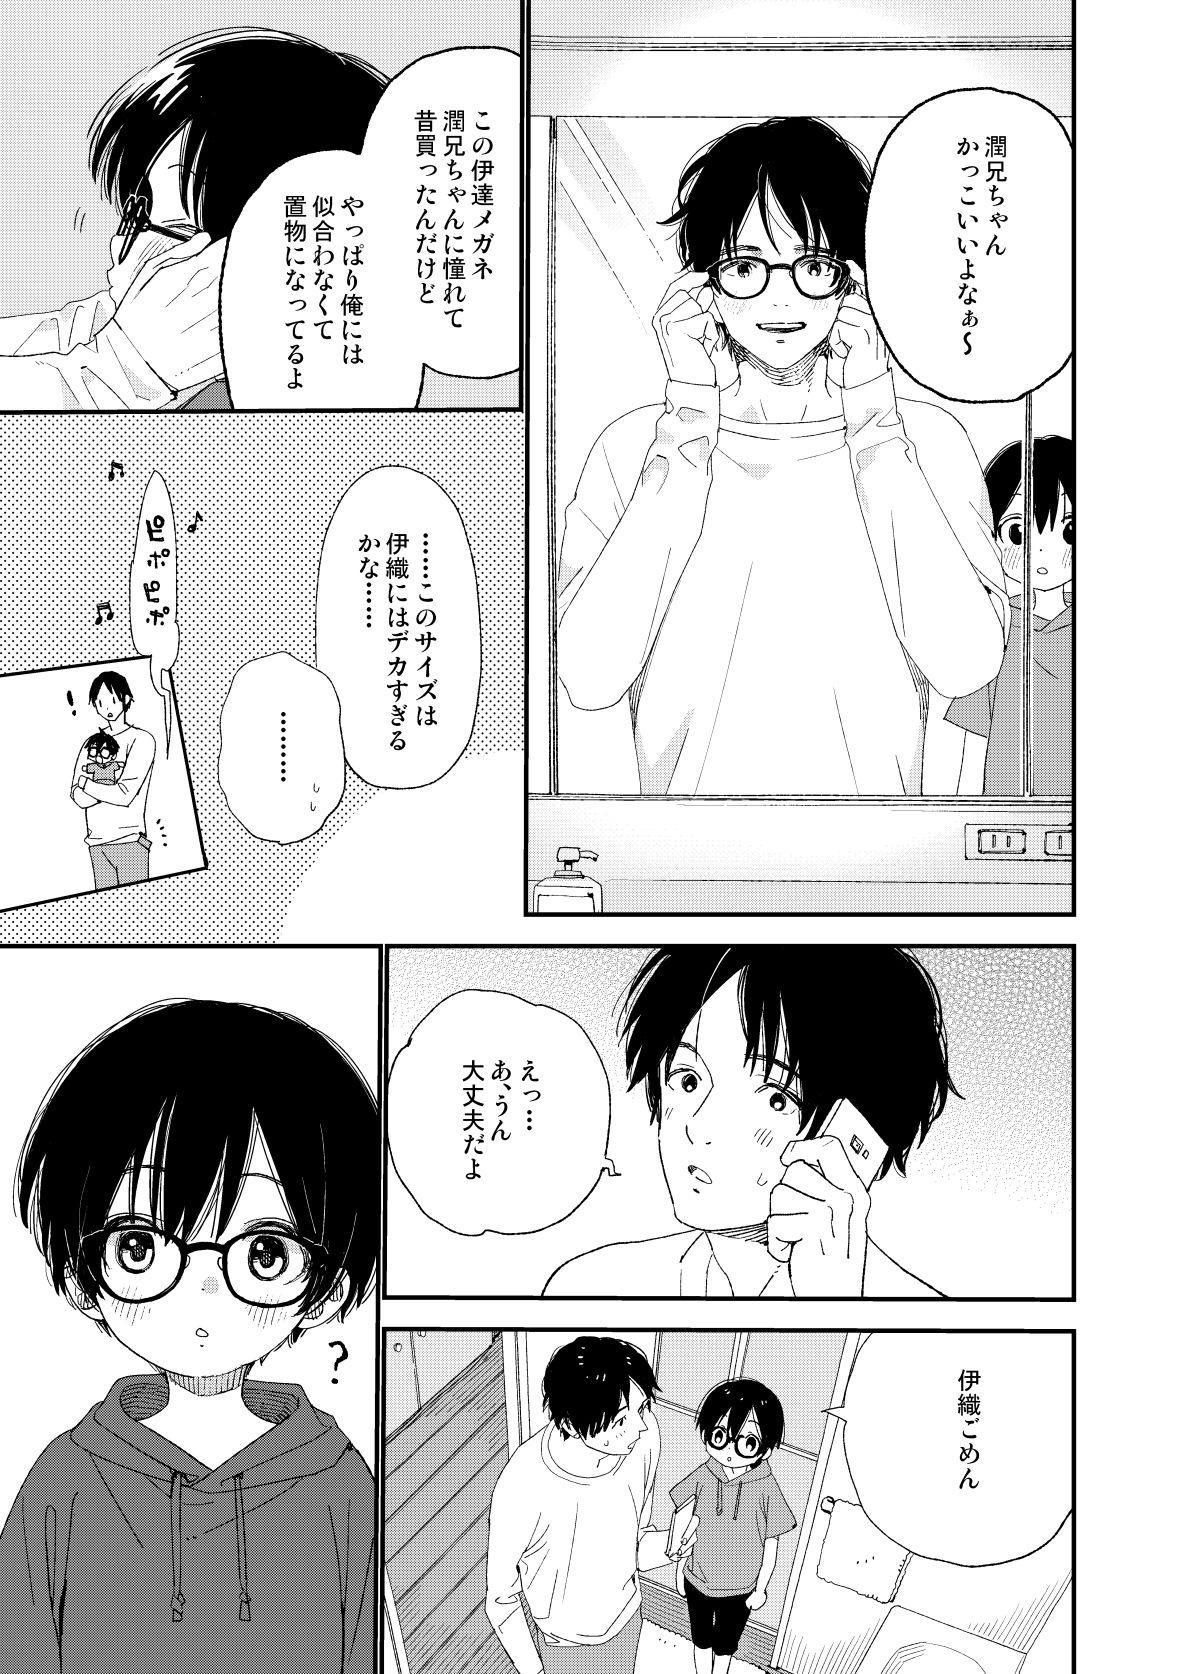 Hayaku Otona Ni Naritai 12